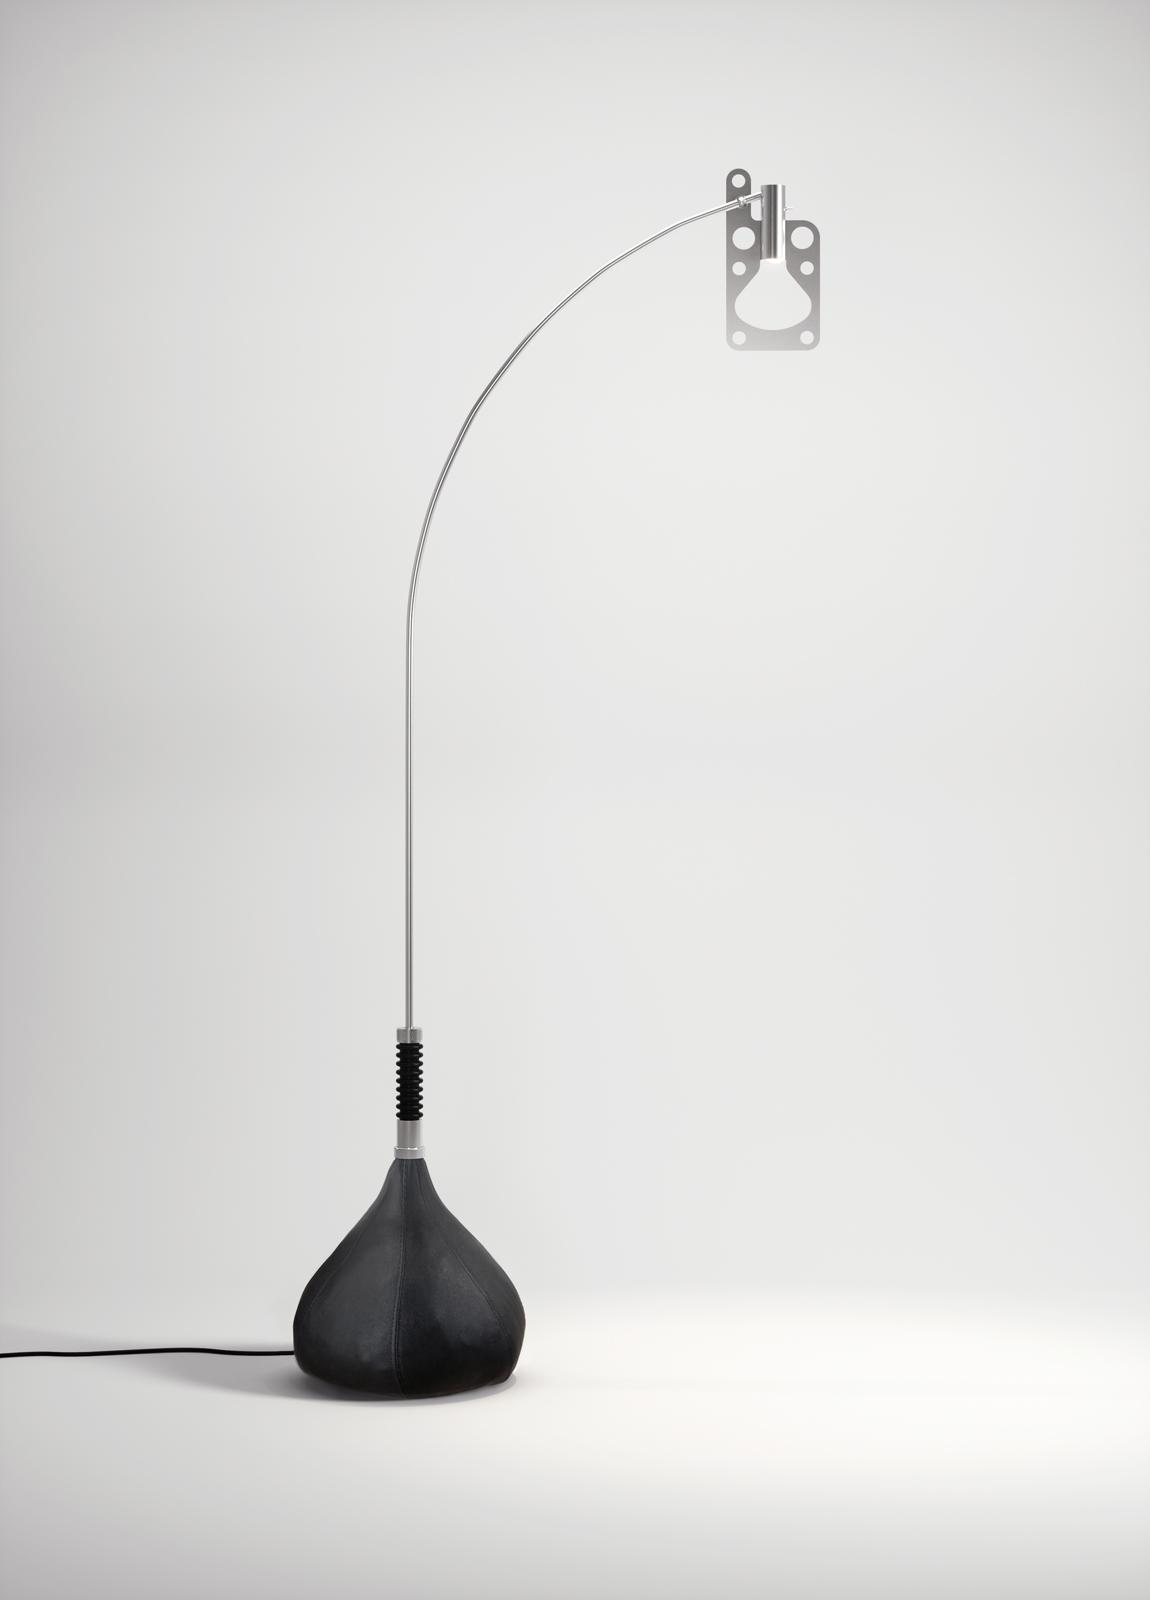 Põrandavalgusti BUL-BO LED 15,6W 1973lm 2700K CRI90 must, poleeritud alumiinium